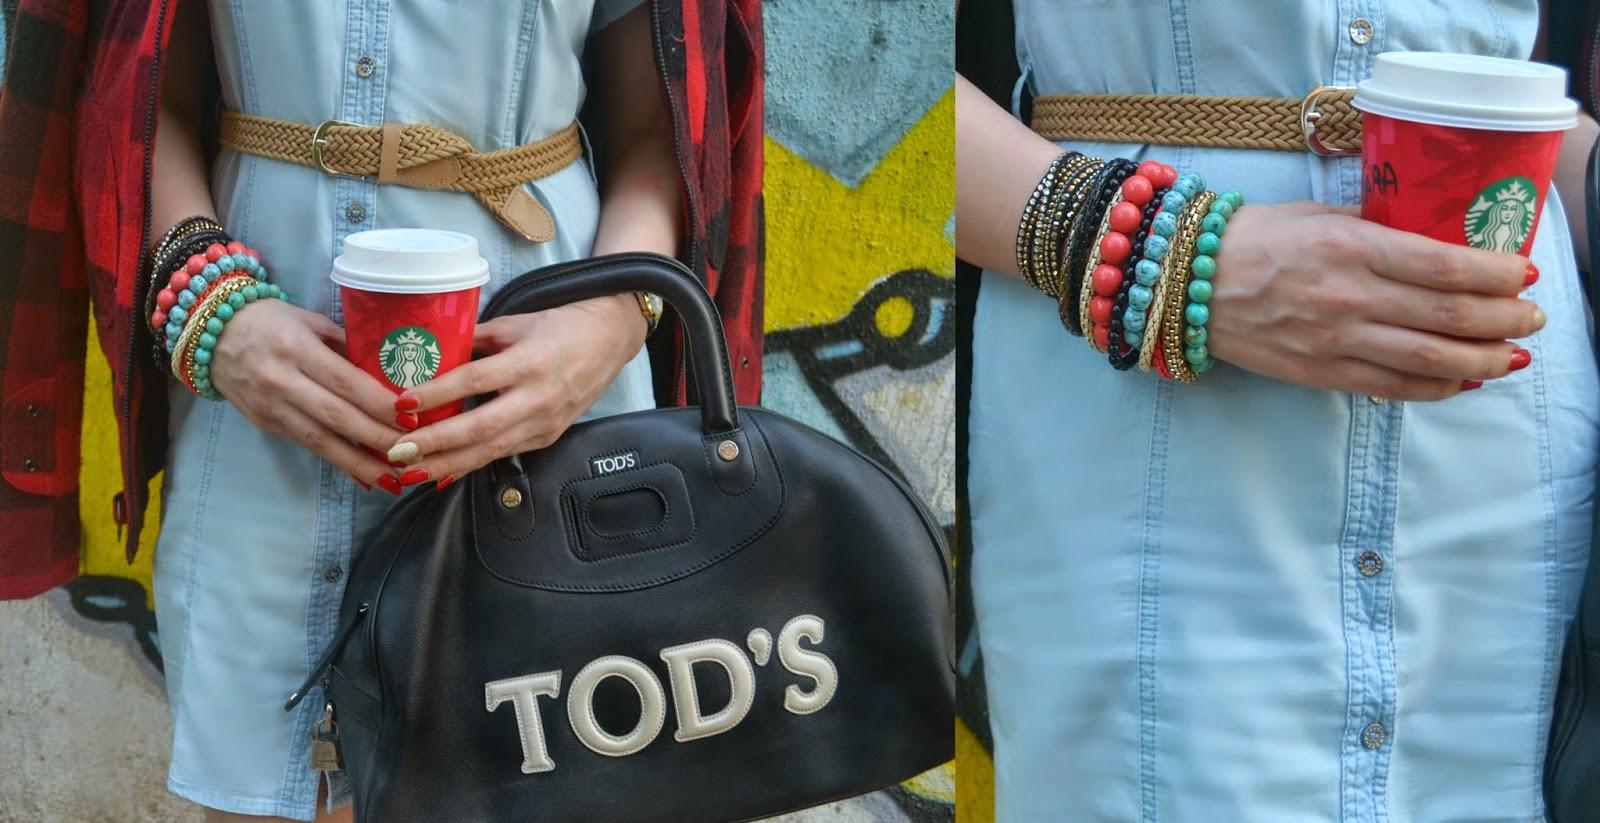 Tods bag, Starbucks Coffee, Beaded Bracelets, Swarovski slake bracelet